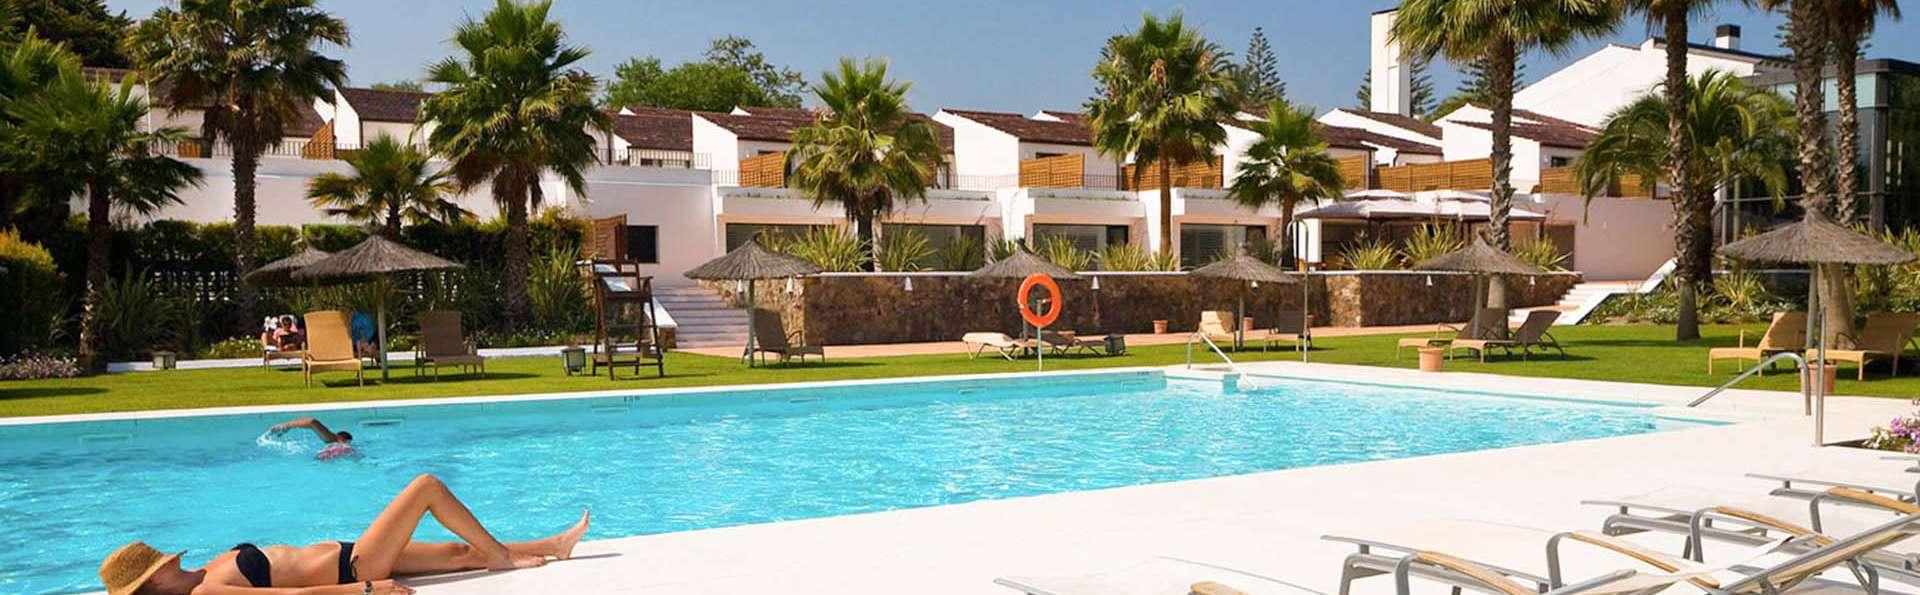 Hotel Encinar de Sotogrande - EDIT_POOL_02.jpg